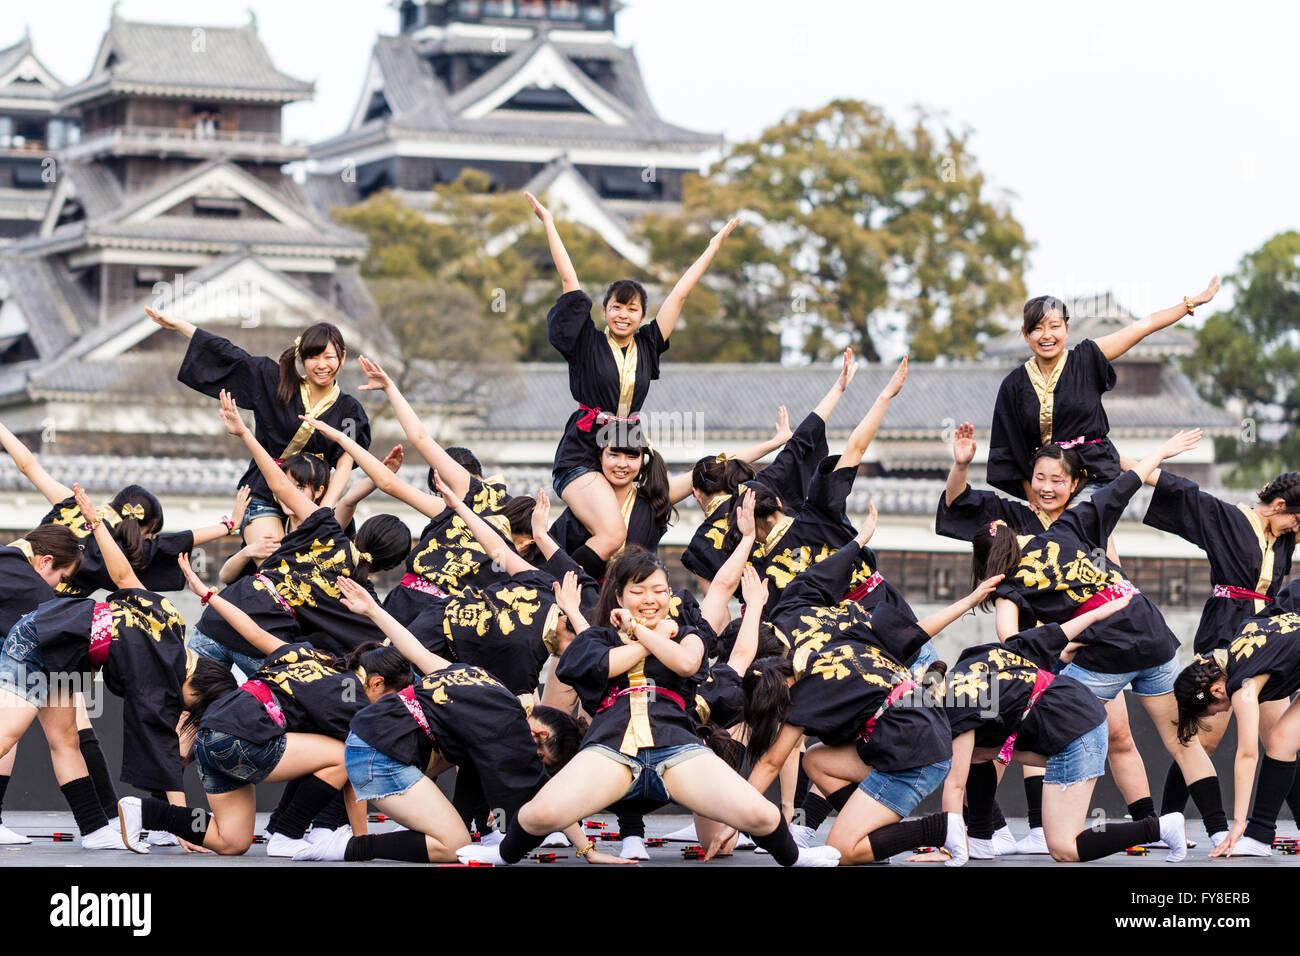 Japón, Kumamoto. Hinokuni Yosakoi Festival. Adolescente troupe bailando en el escenario, la gran final del Imagen De Stock